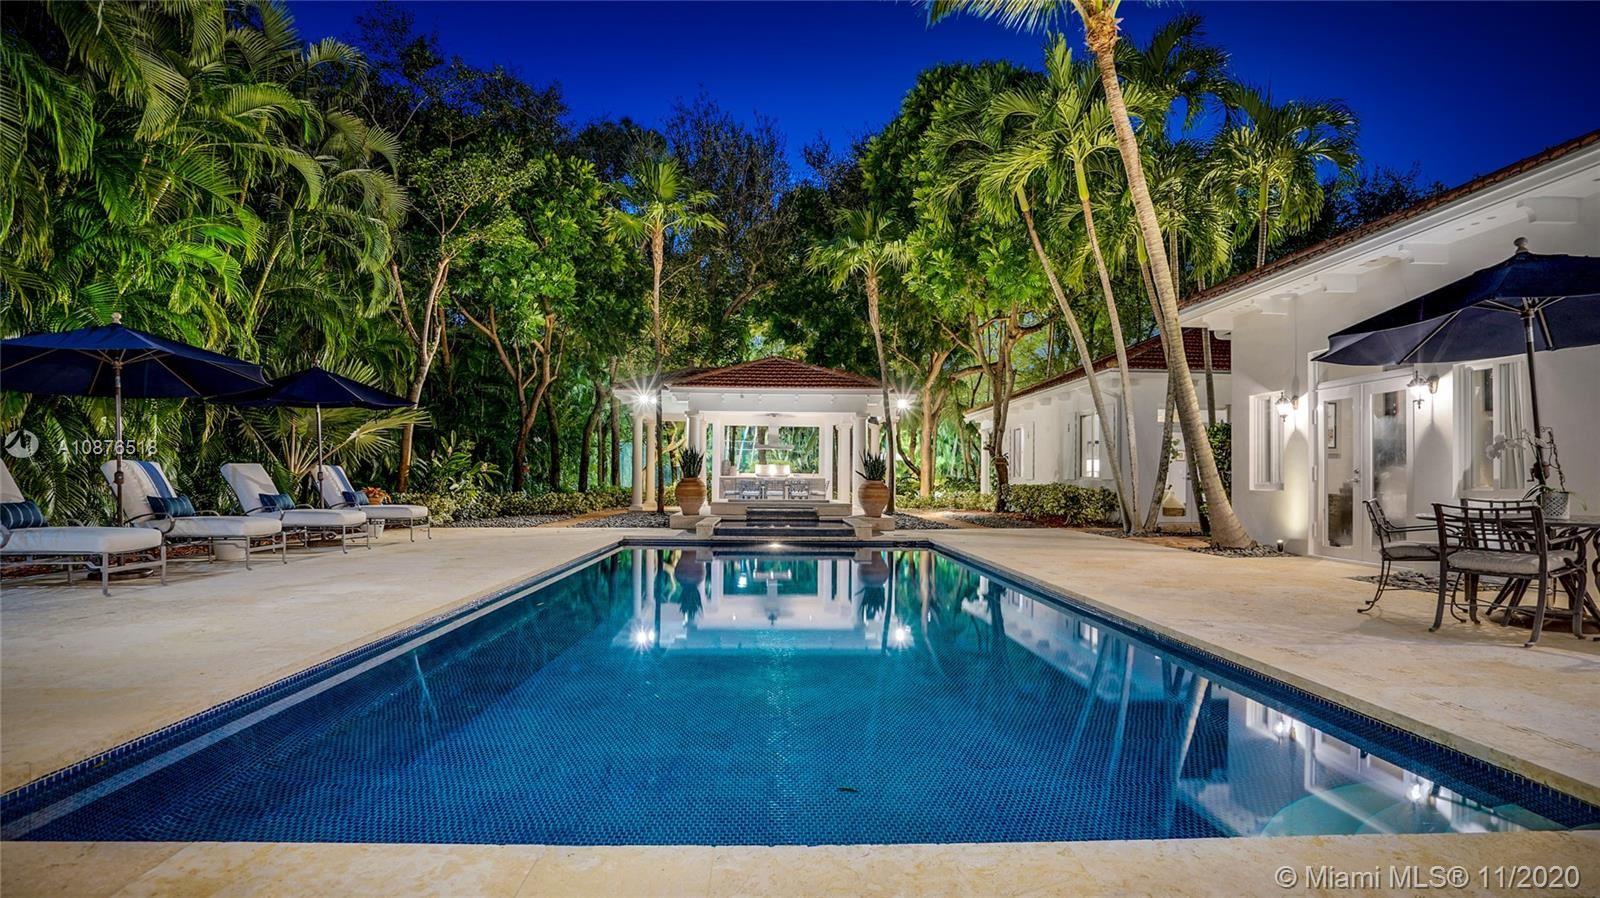 8300 SW 53rd Ave, Miami, FL 33143 - #: A10876518